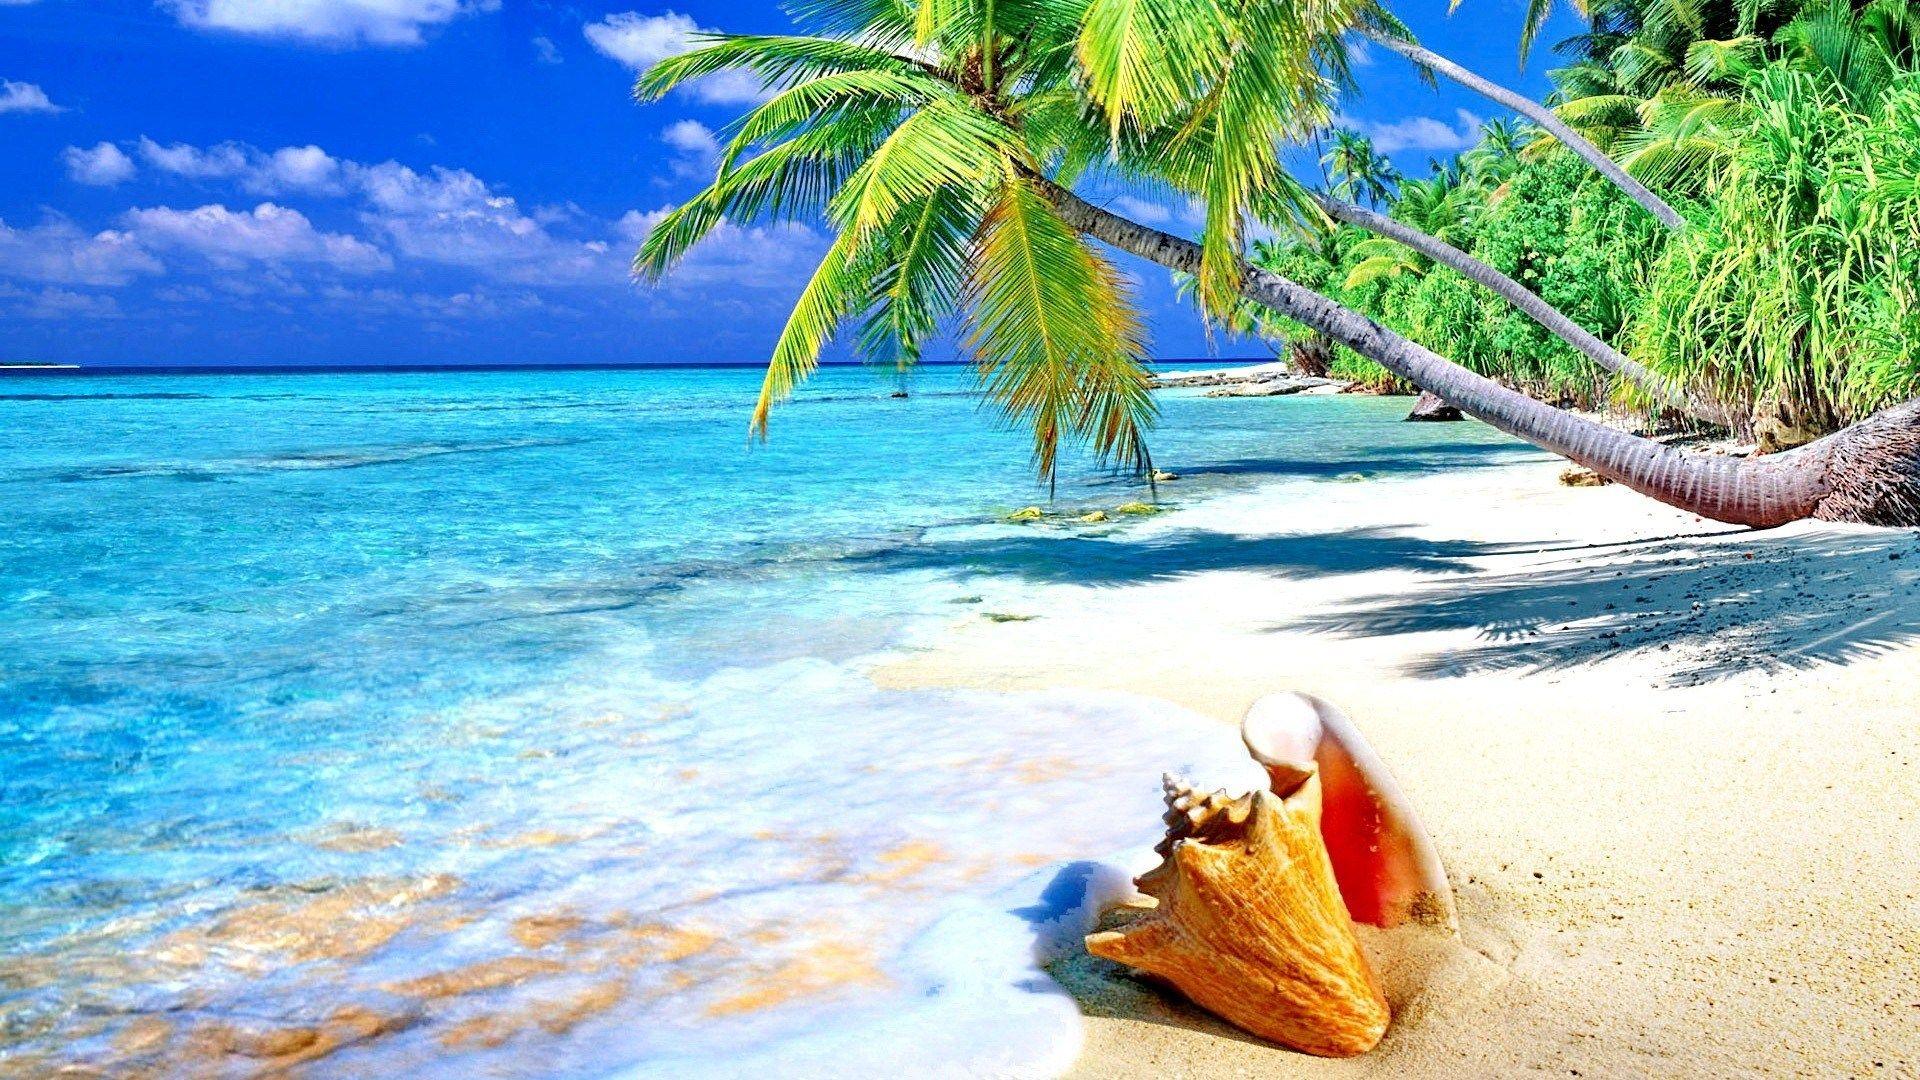 Download Gambar Pemandangan Alam Pantai 2251 Gambar Pemandangan